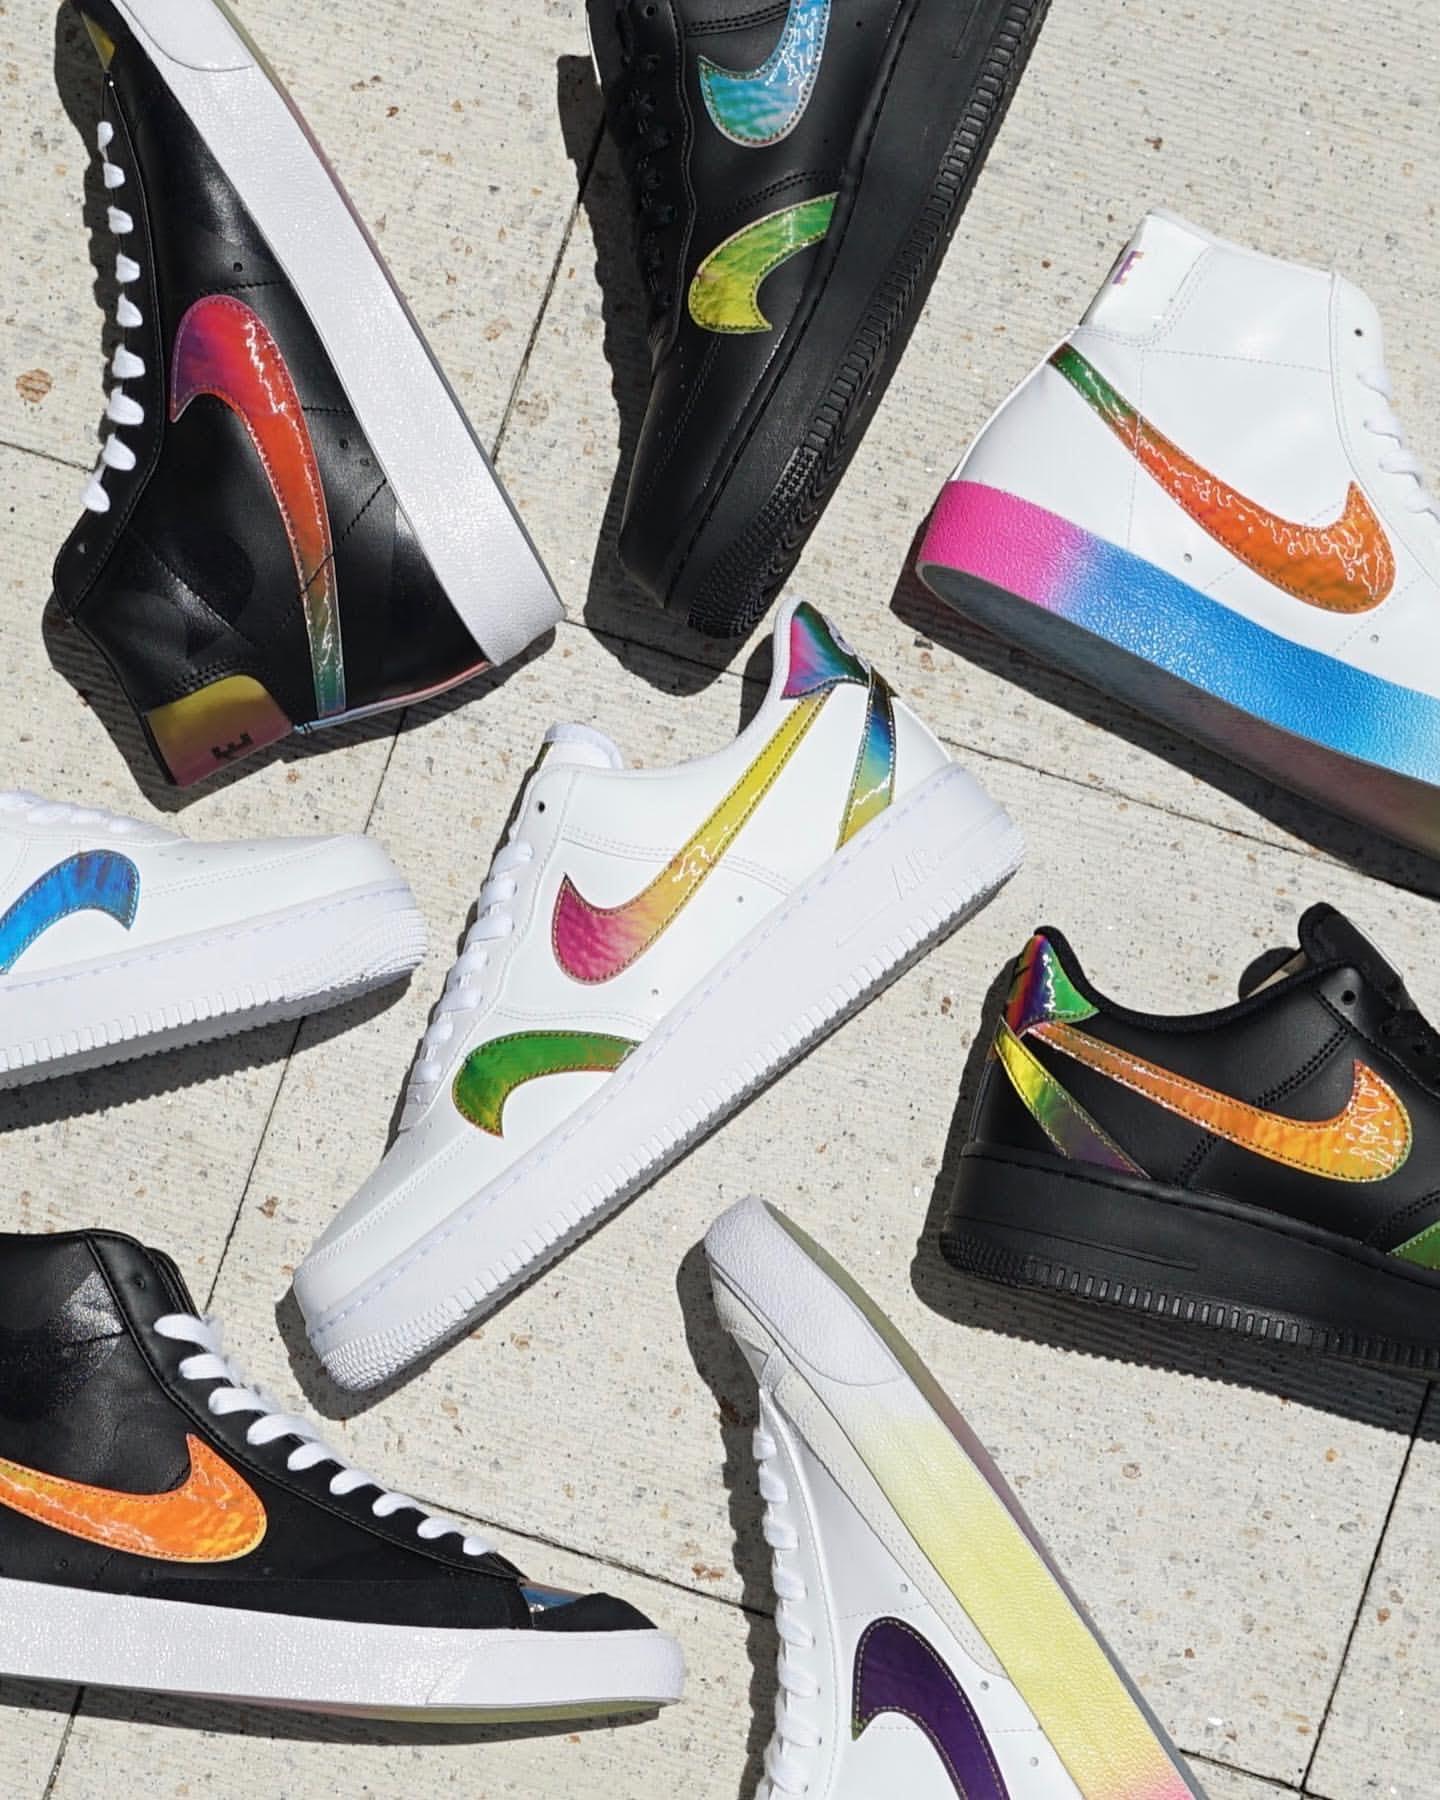 Nike Air Force 1 '07 & Blazer Mid '77 (ナイキ エア フォース 1 '07 & ブレーザー ミッド '77)